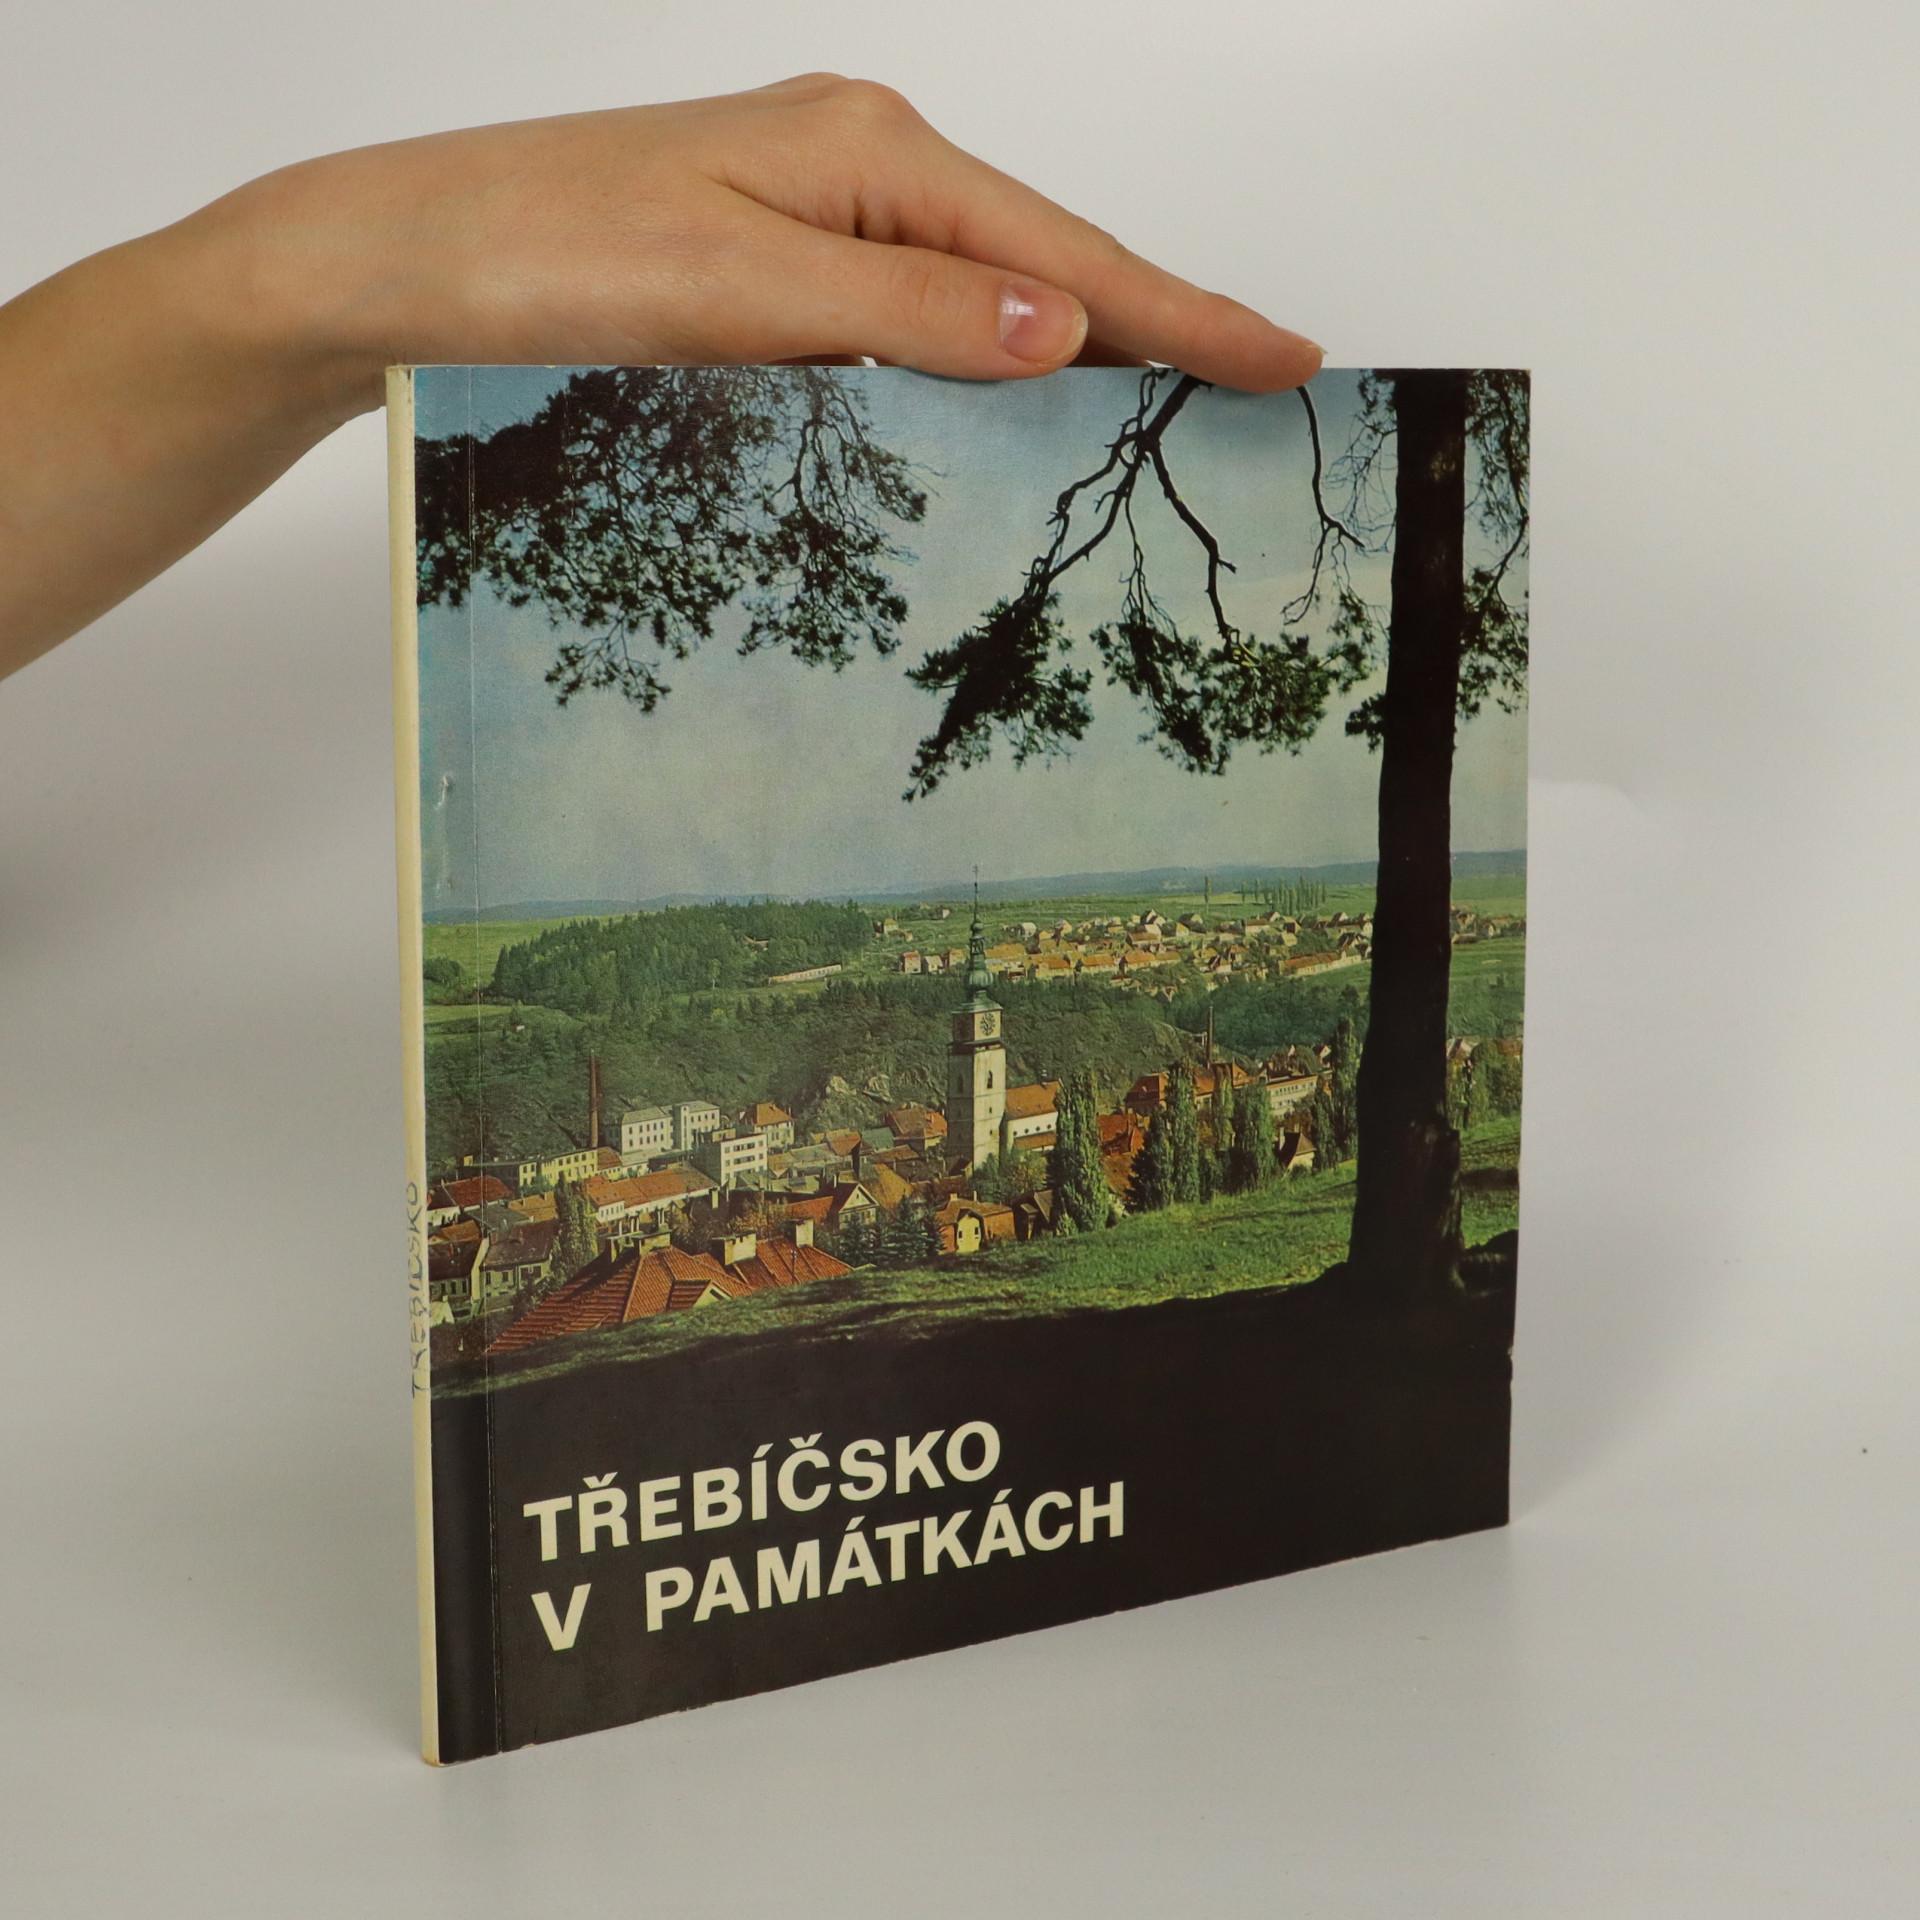 antikvární kniha Třebíčsko v památkách, neuveden